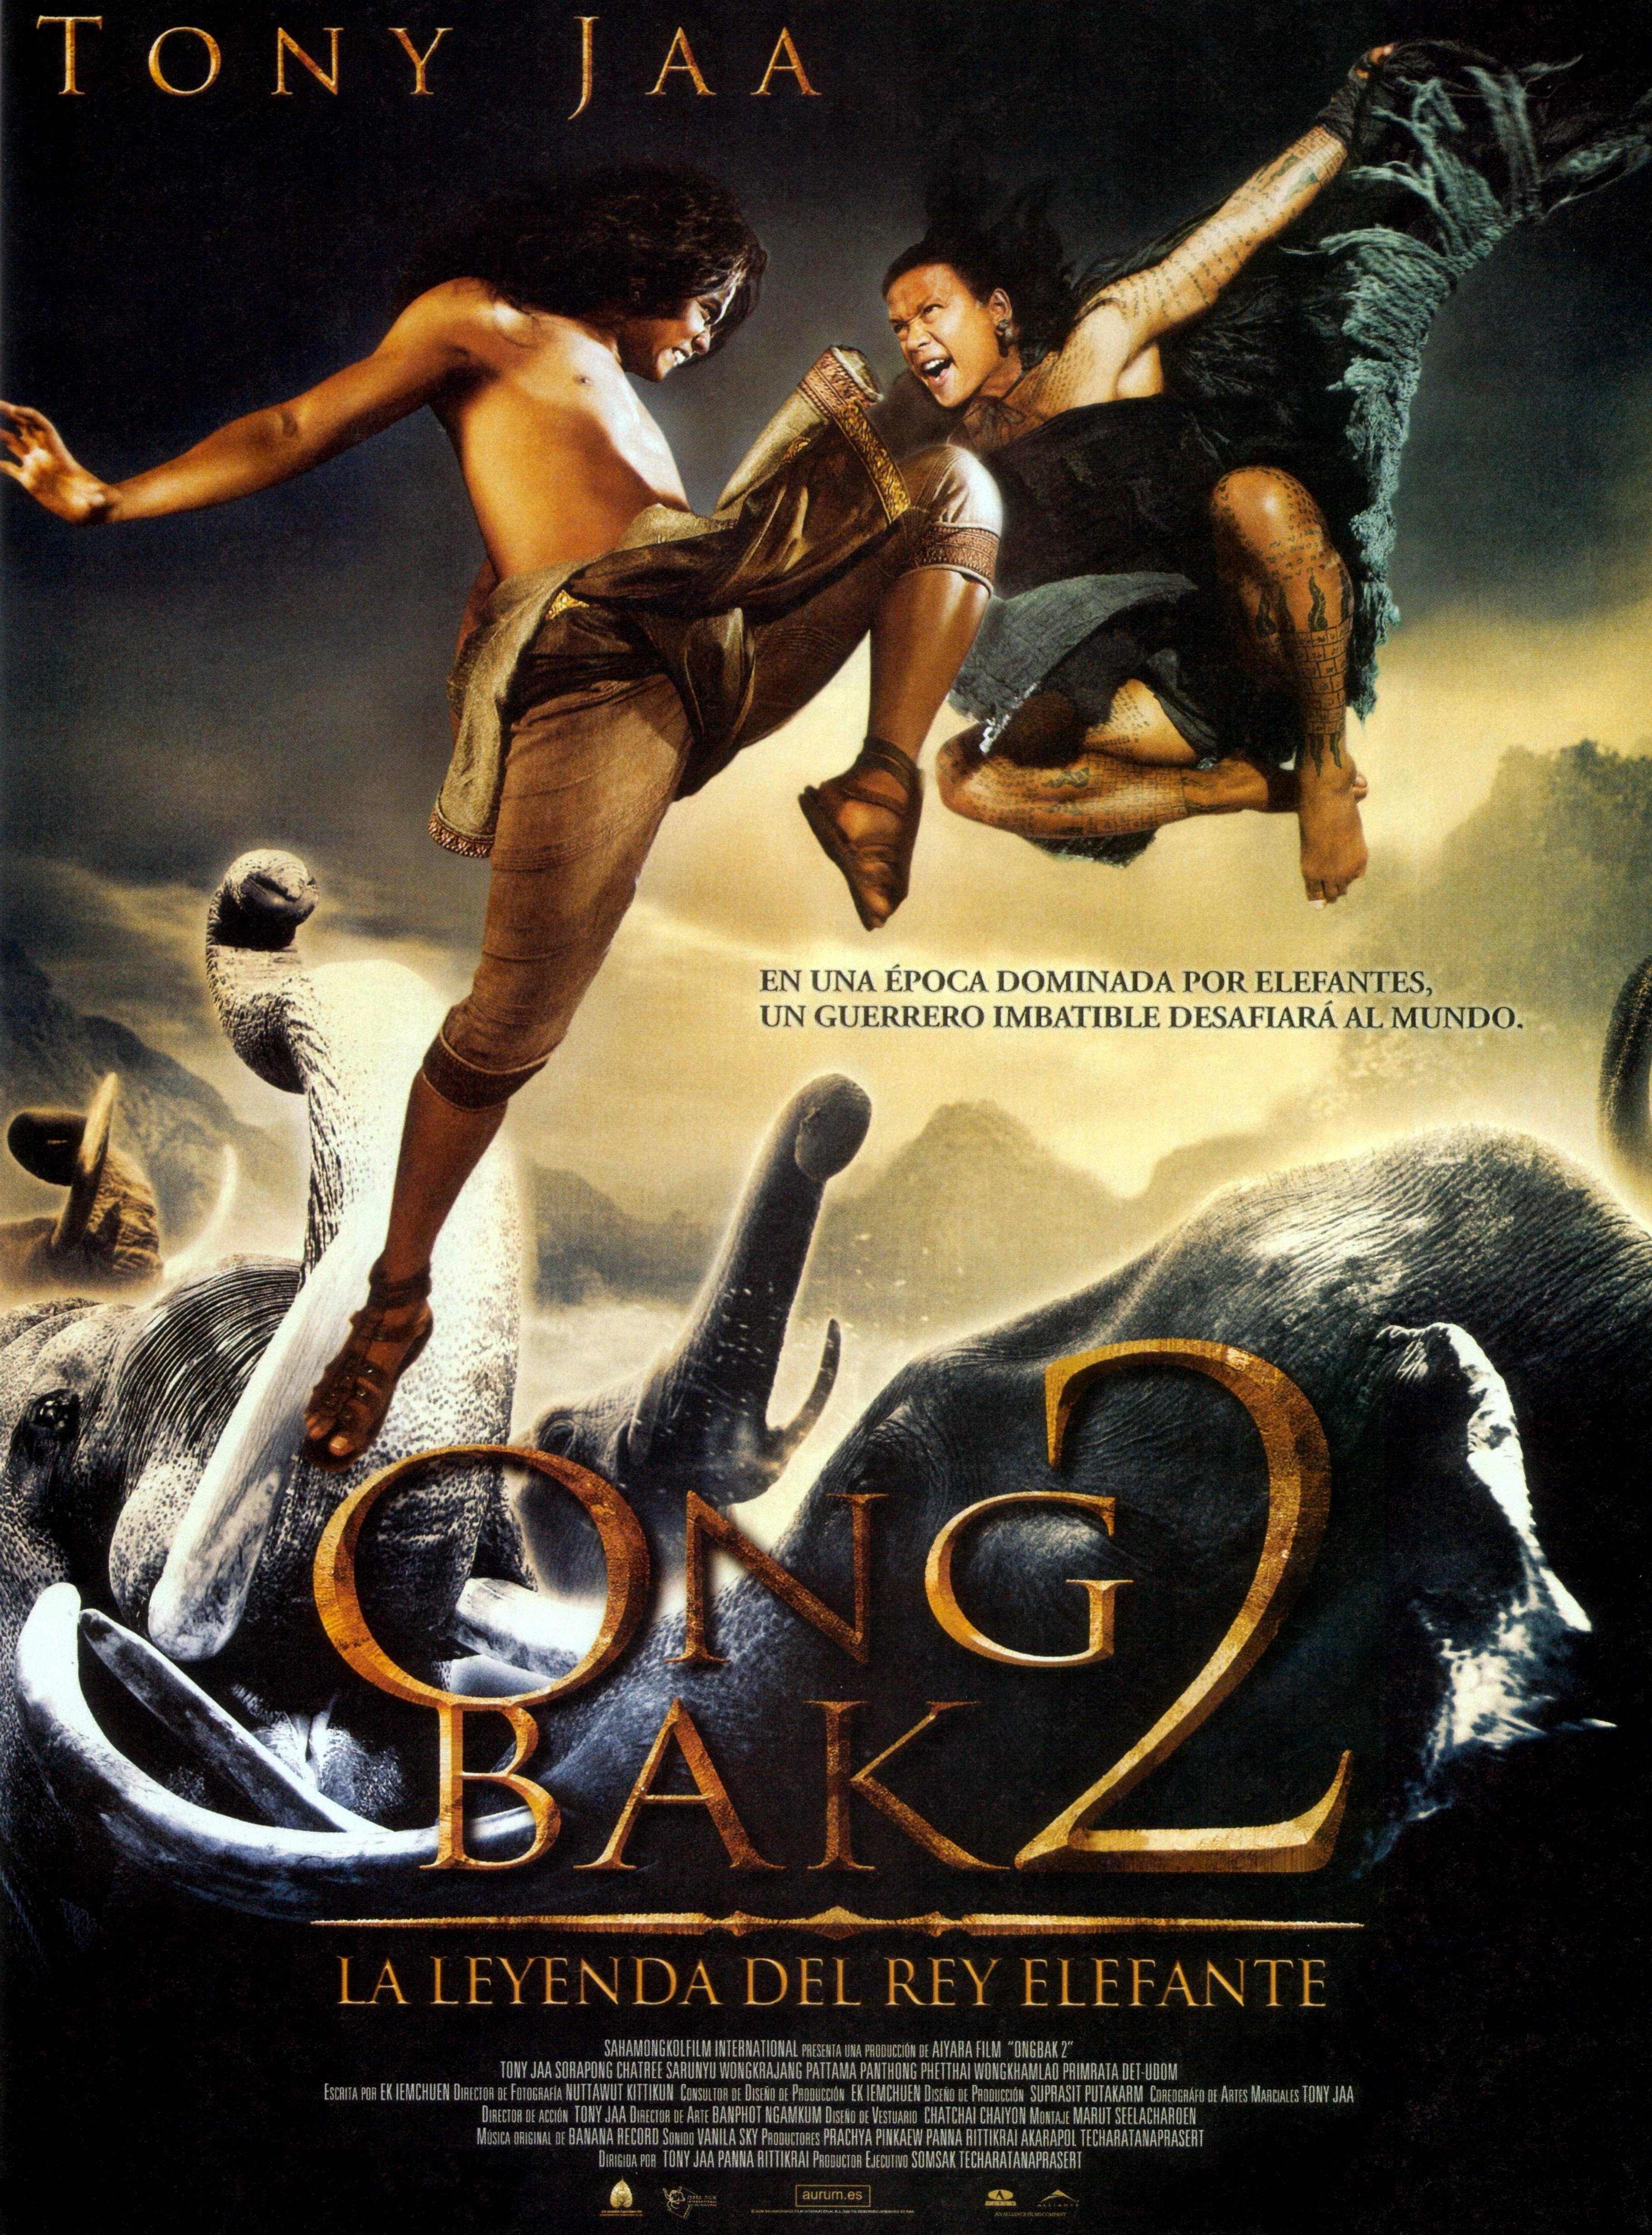 Ong bak 2 dubbed english torrent king movies download poksmaster.